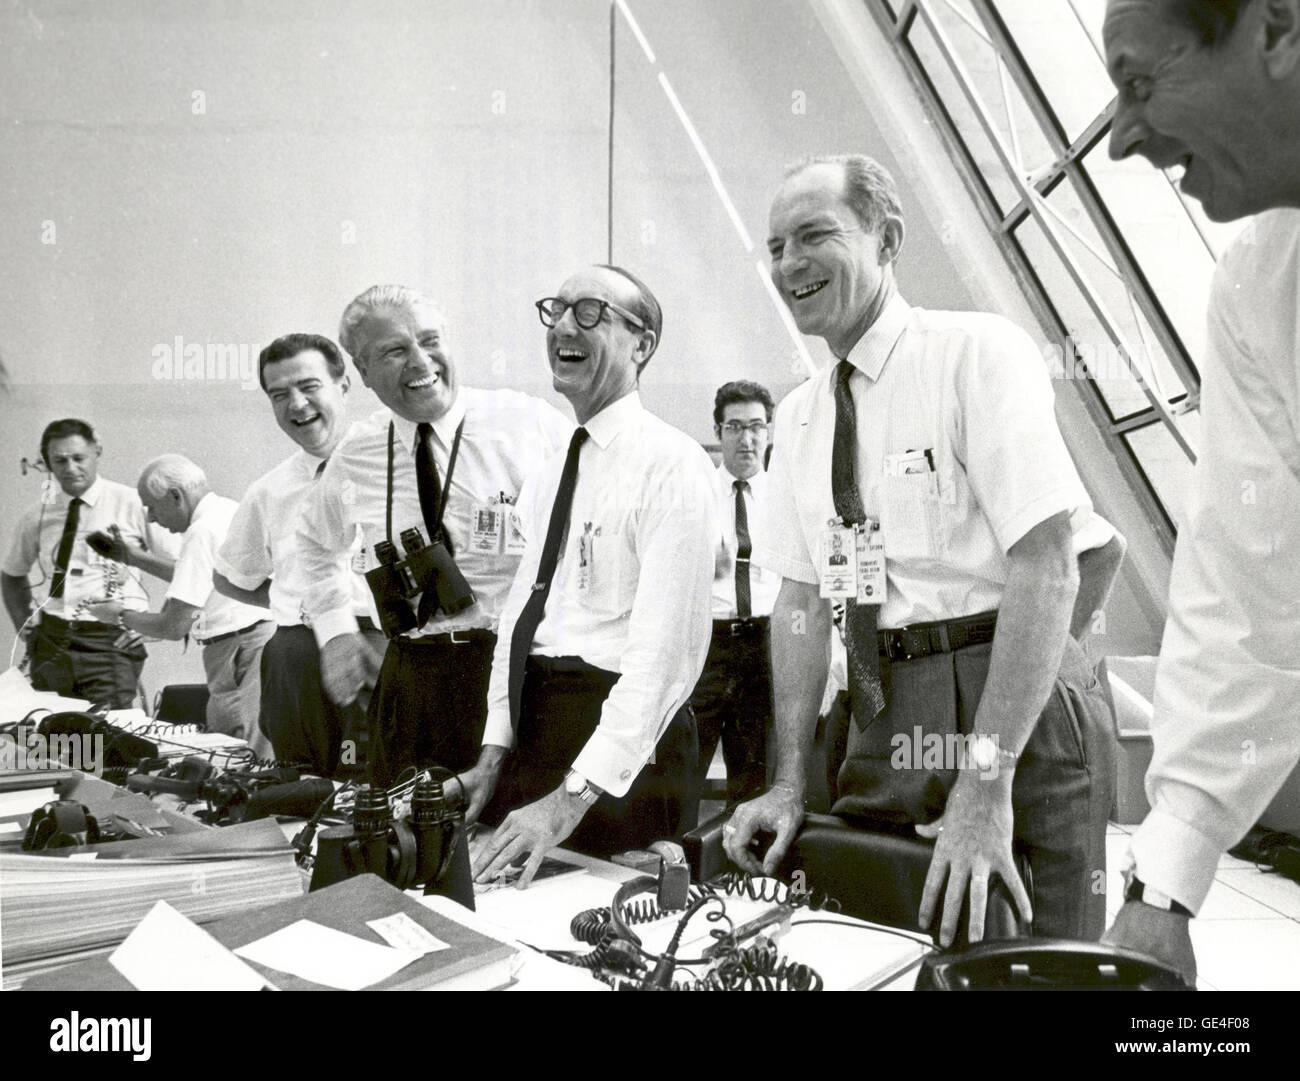 (16 Juli 1969) Apollo 11 Mission Beamten entspannen Sie sich in die Launch-Control-Center nach dem erfolgreichen Apollo 11 abheben am 16. Juli 1969. Von links nach rechts sind: Charles W. Mathews, Deputy Associate Administrator für Raumfahrt besetzt; Dr. Wernher von Braun, Direktor des Marshall Space Flight Center; George Mueller, Associate Administrator für das Amt der bemannten Raumfahrt; Generalleutnant Samuel C. Phillips, Direktor des Apollo-Programms Bild-Nr.: 108-KSC-69P-641 Stockfoto